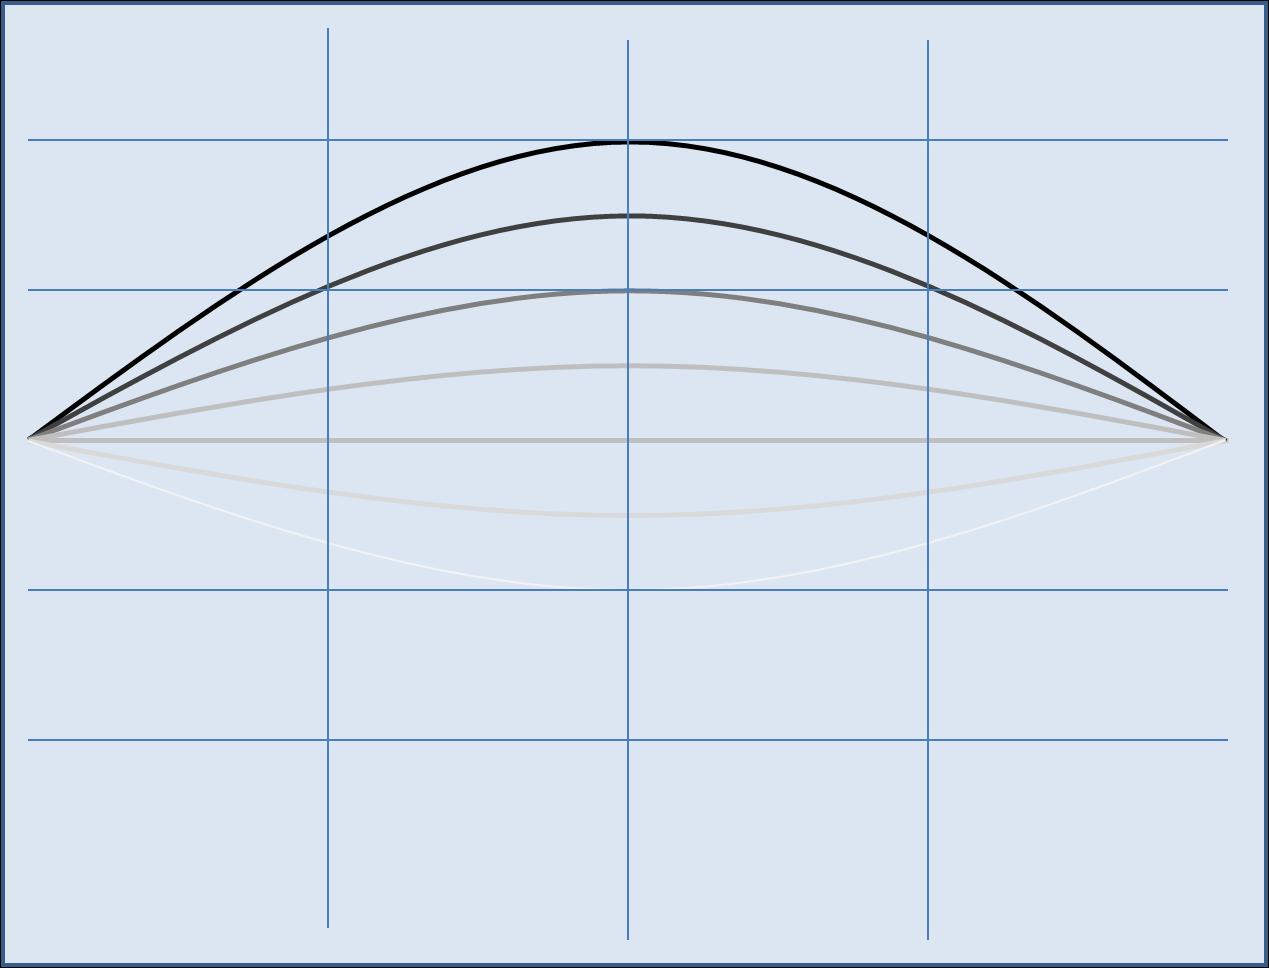 small resolution of piano wire diagram